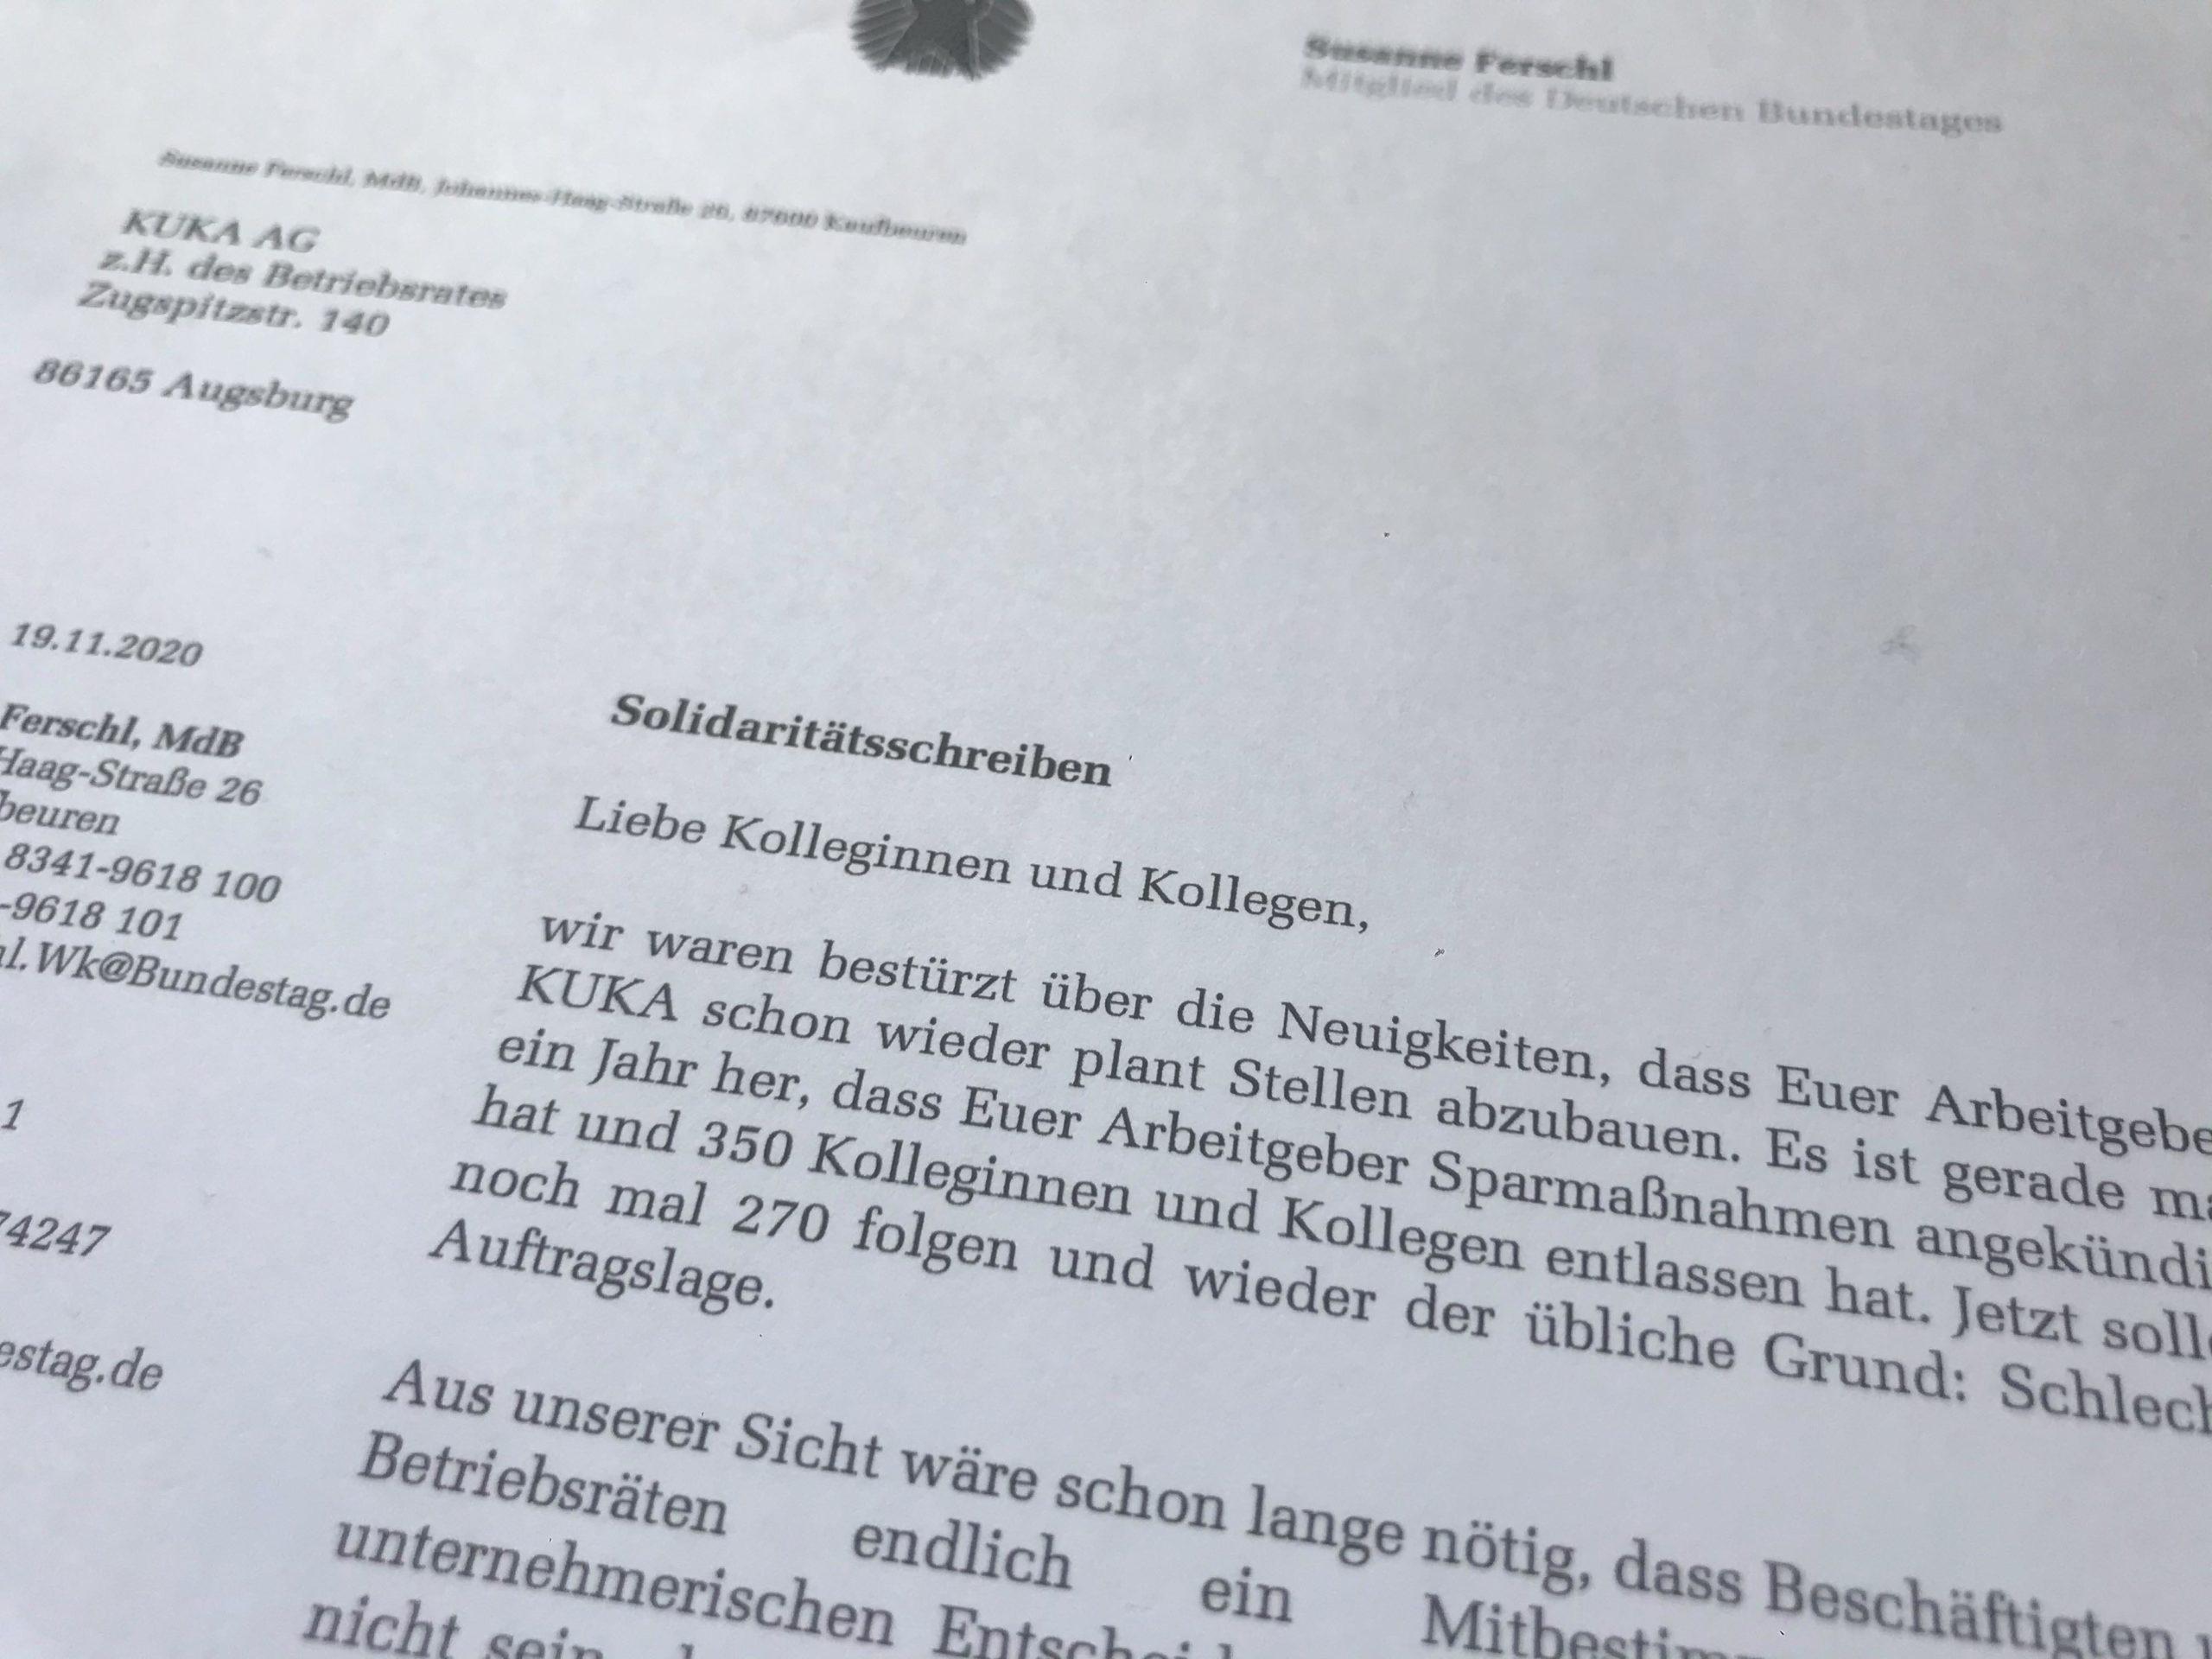 Solidarität mit den Kolleginnen und Kollegen der KUKA AG Augsburg